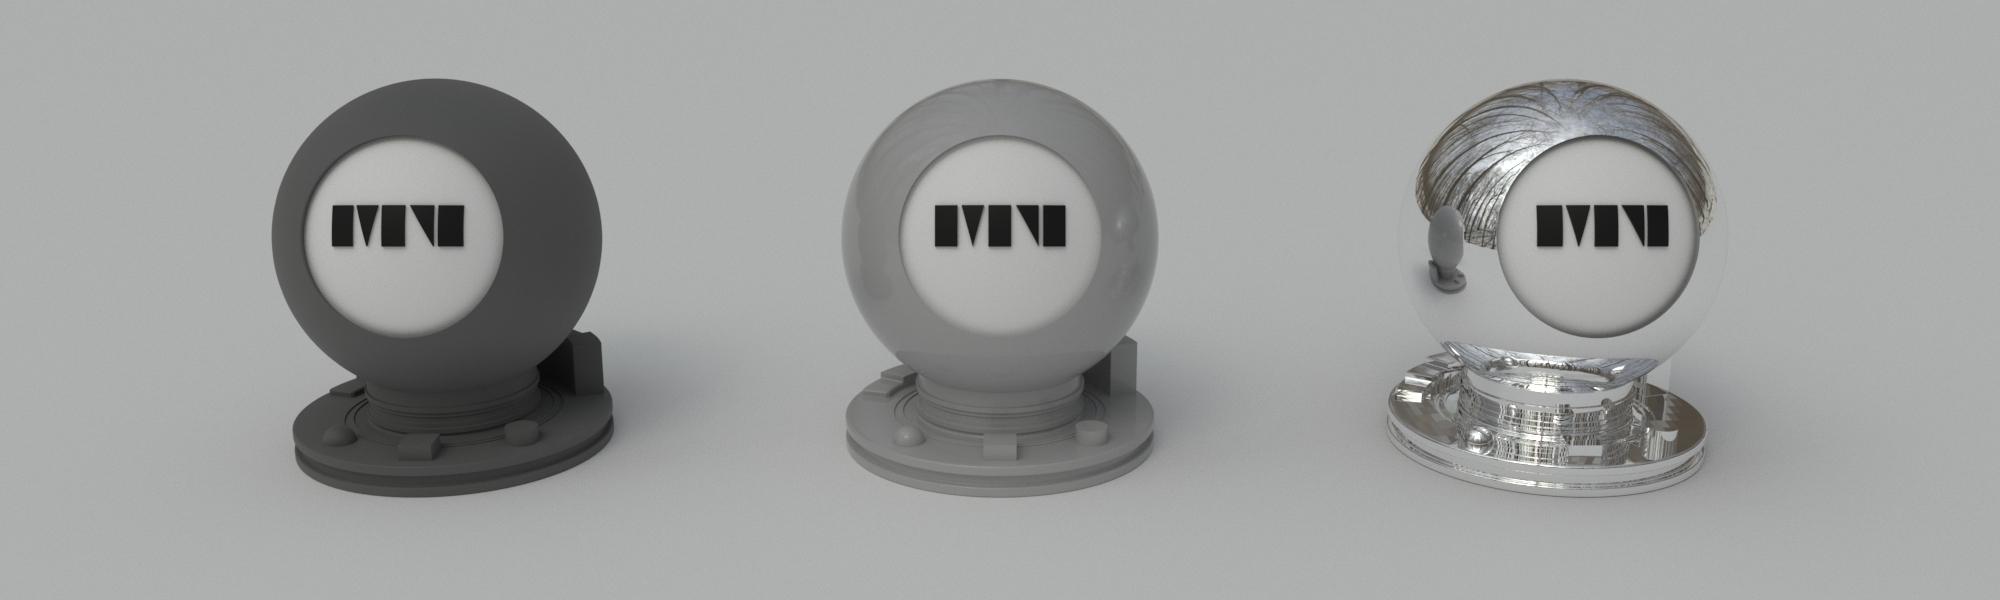 Pano 10 Shader Balls